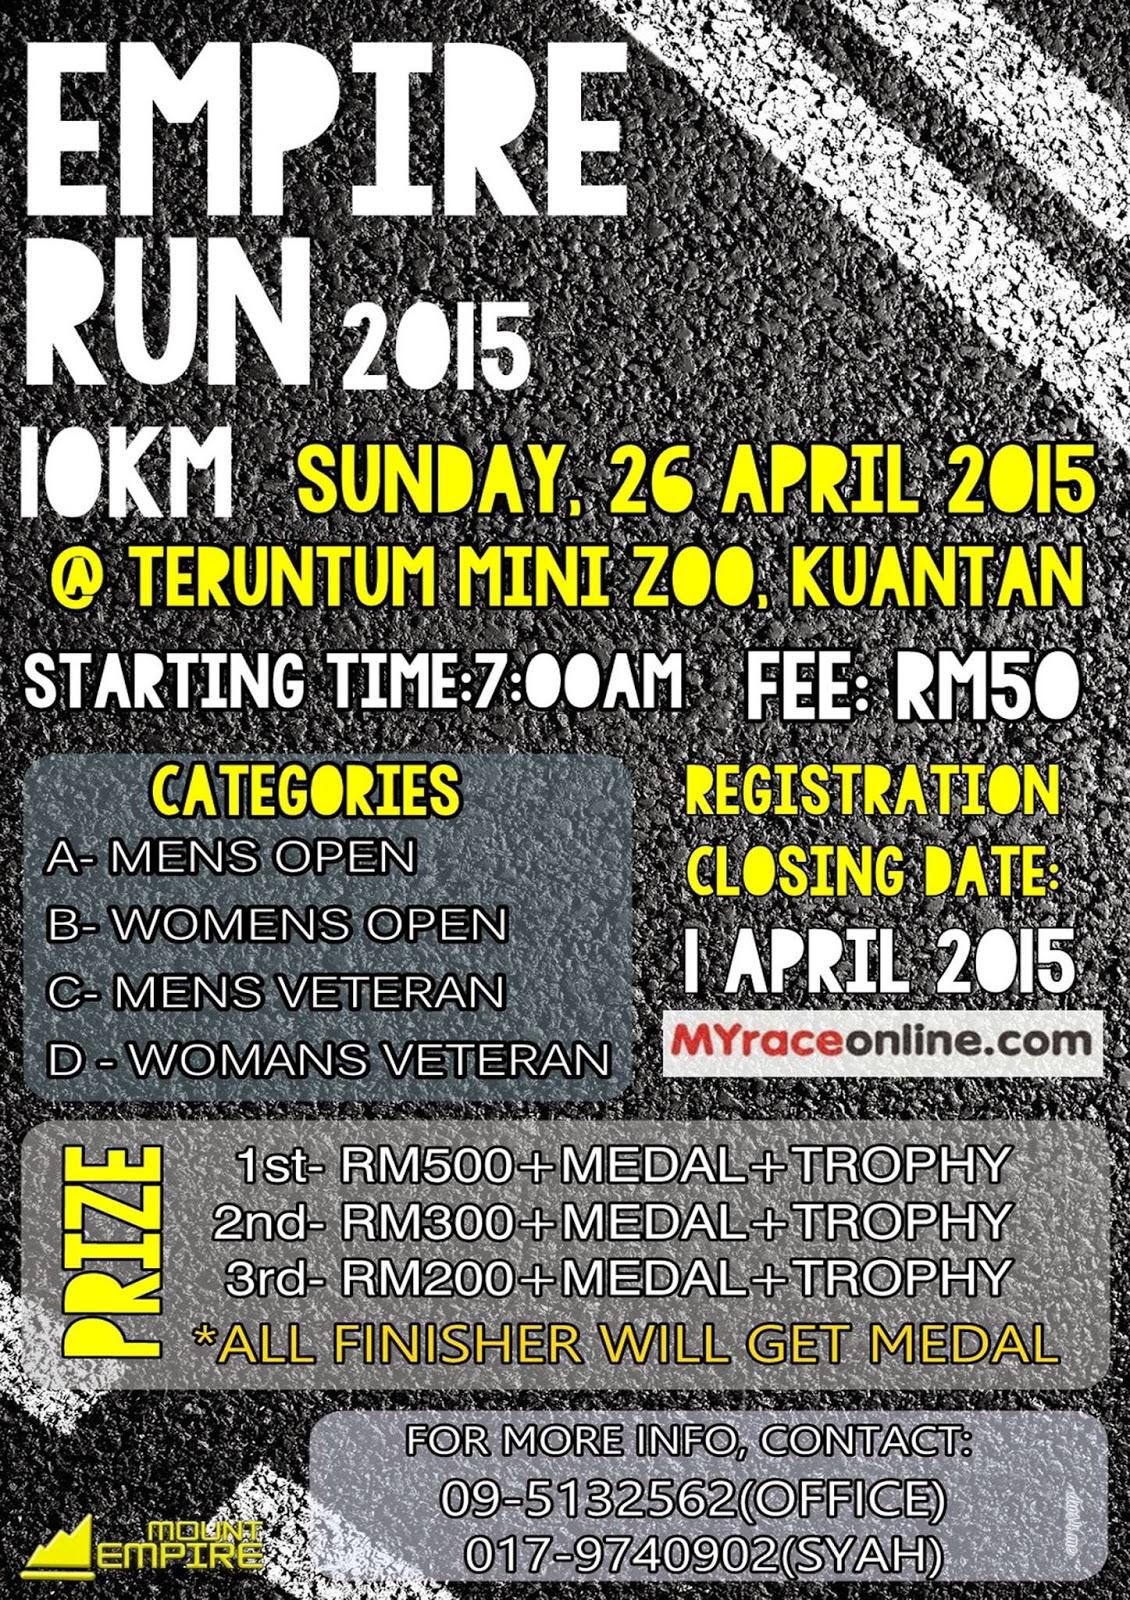 Empire Run 2015 Kuantan